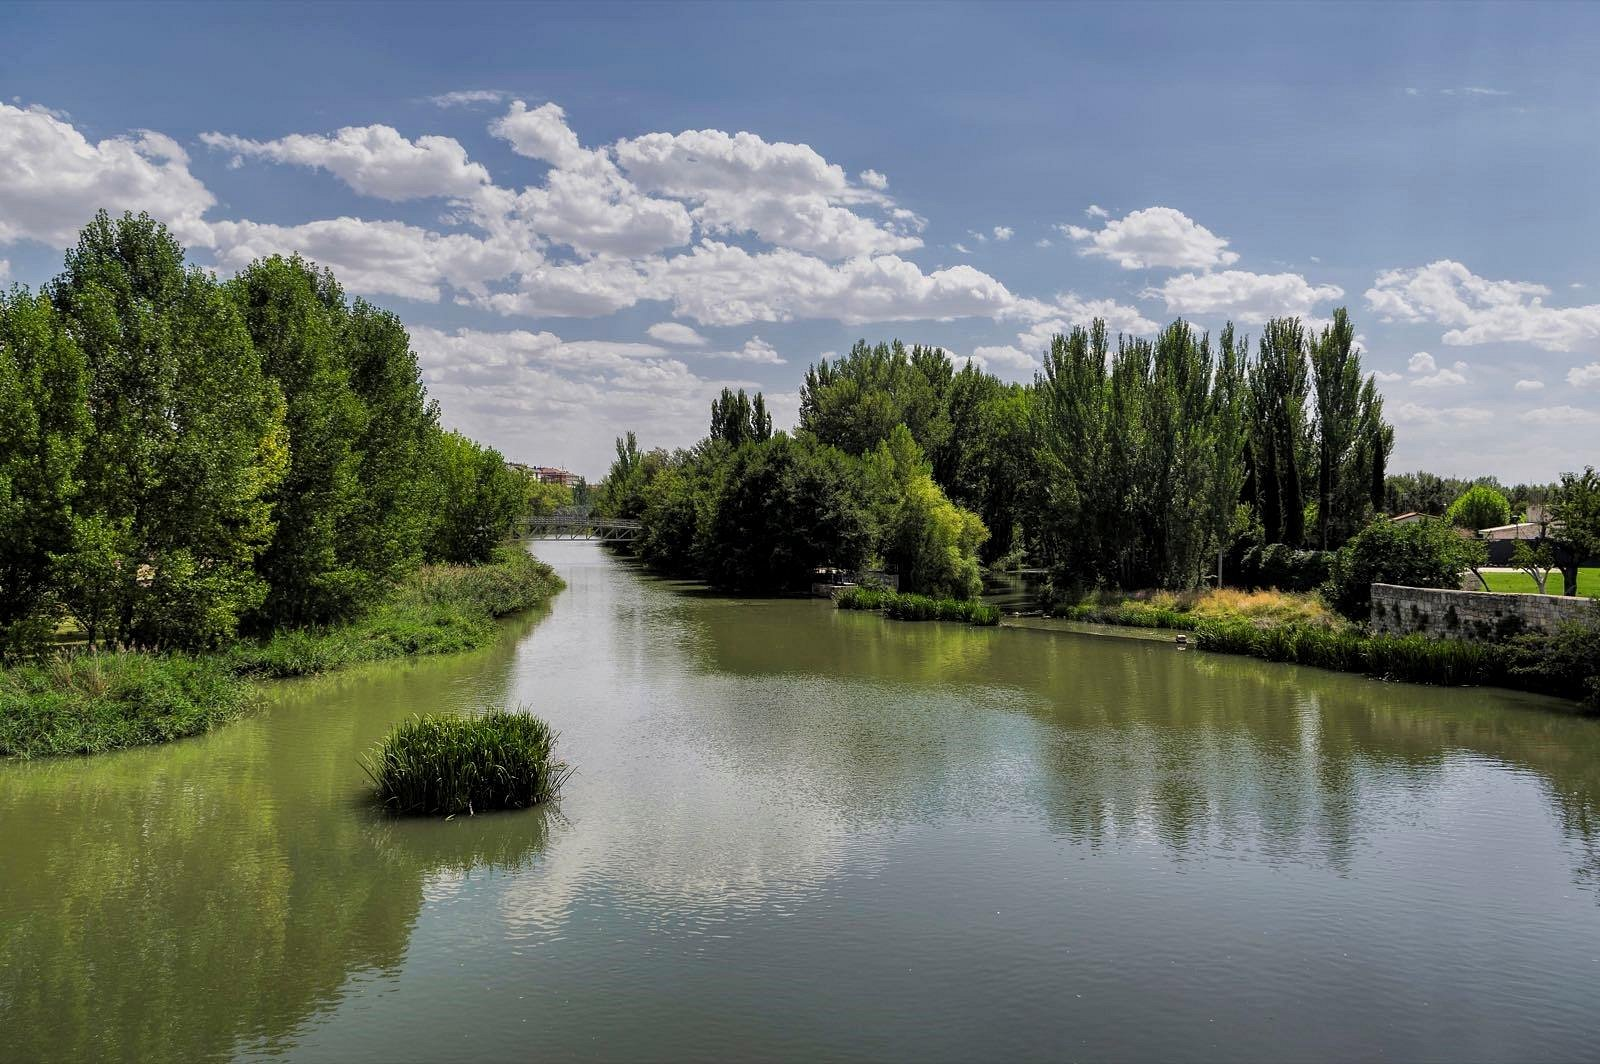 Vista desde el Puente Mayor, Palencia. (Agosto-2015)